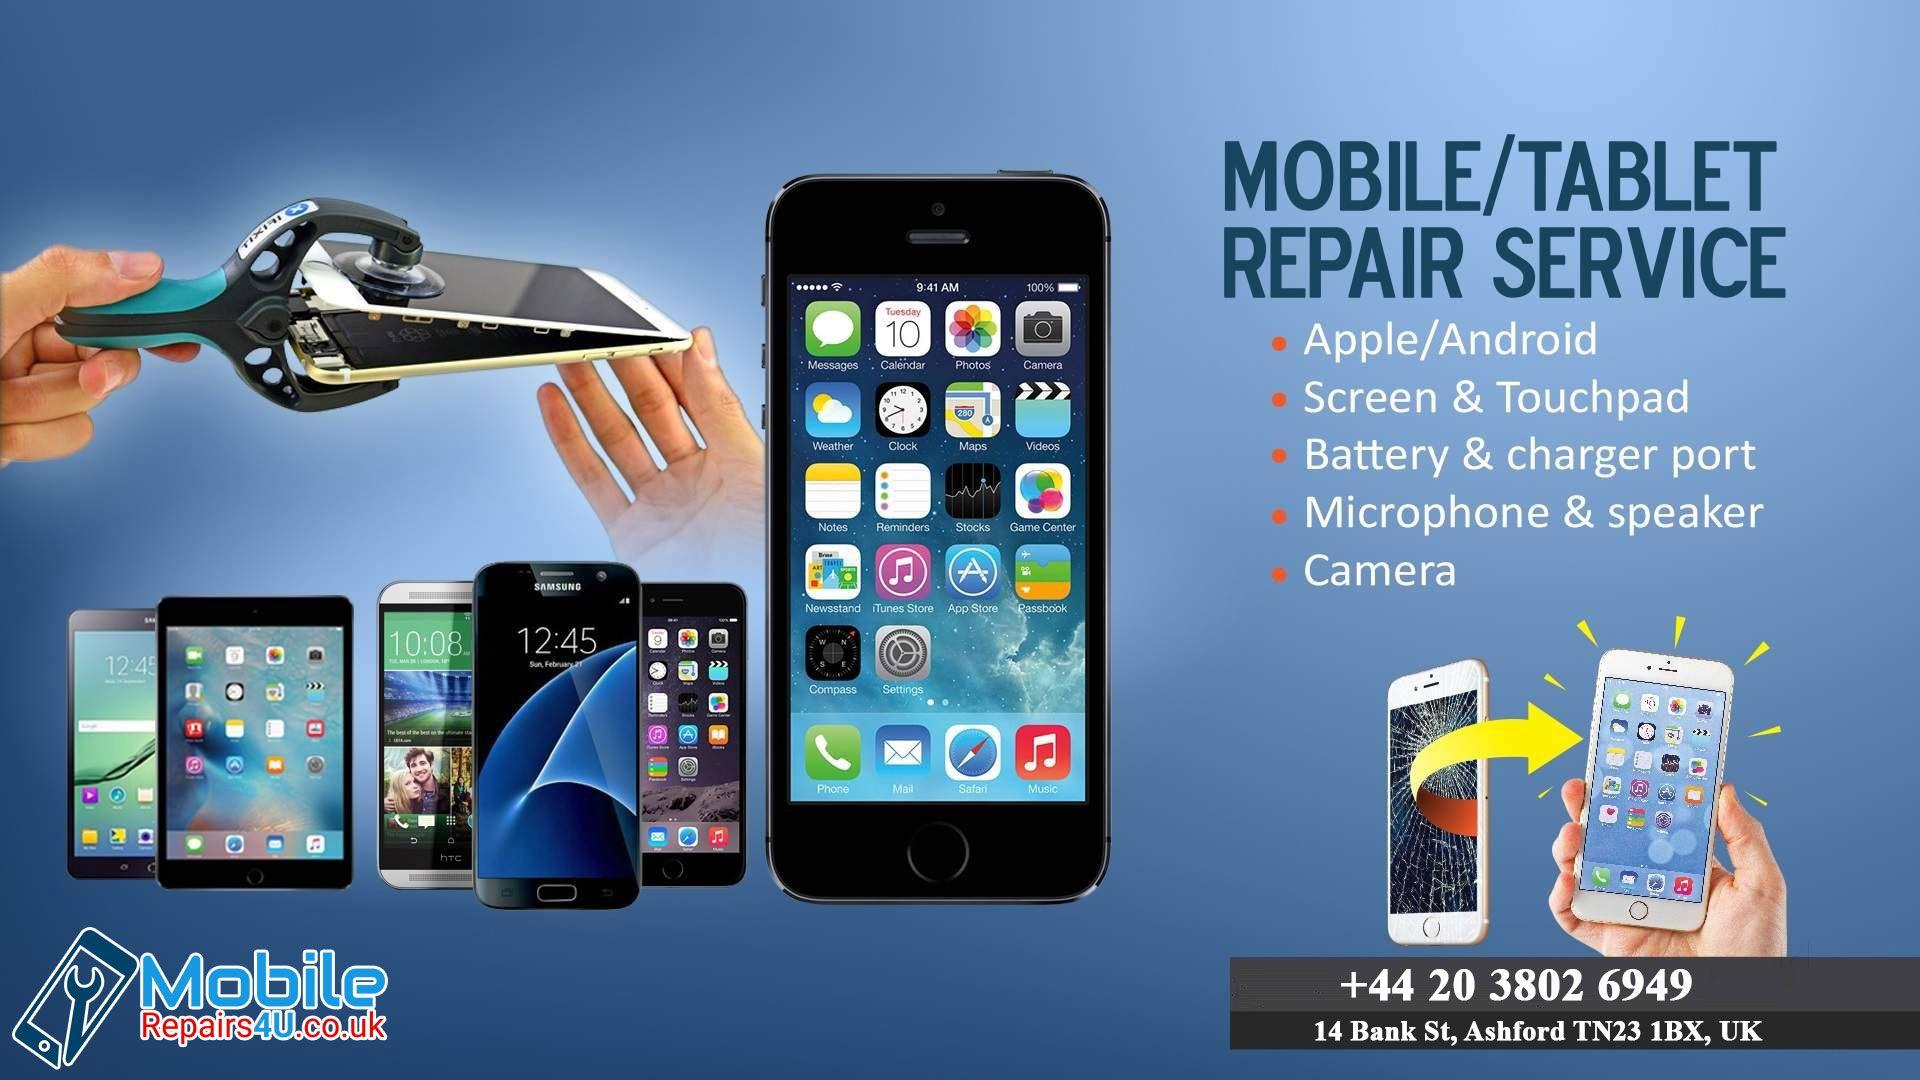 Mobile Tablet Repair services MobileRepairs4U Mobile